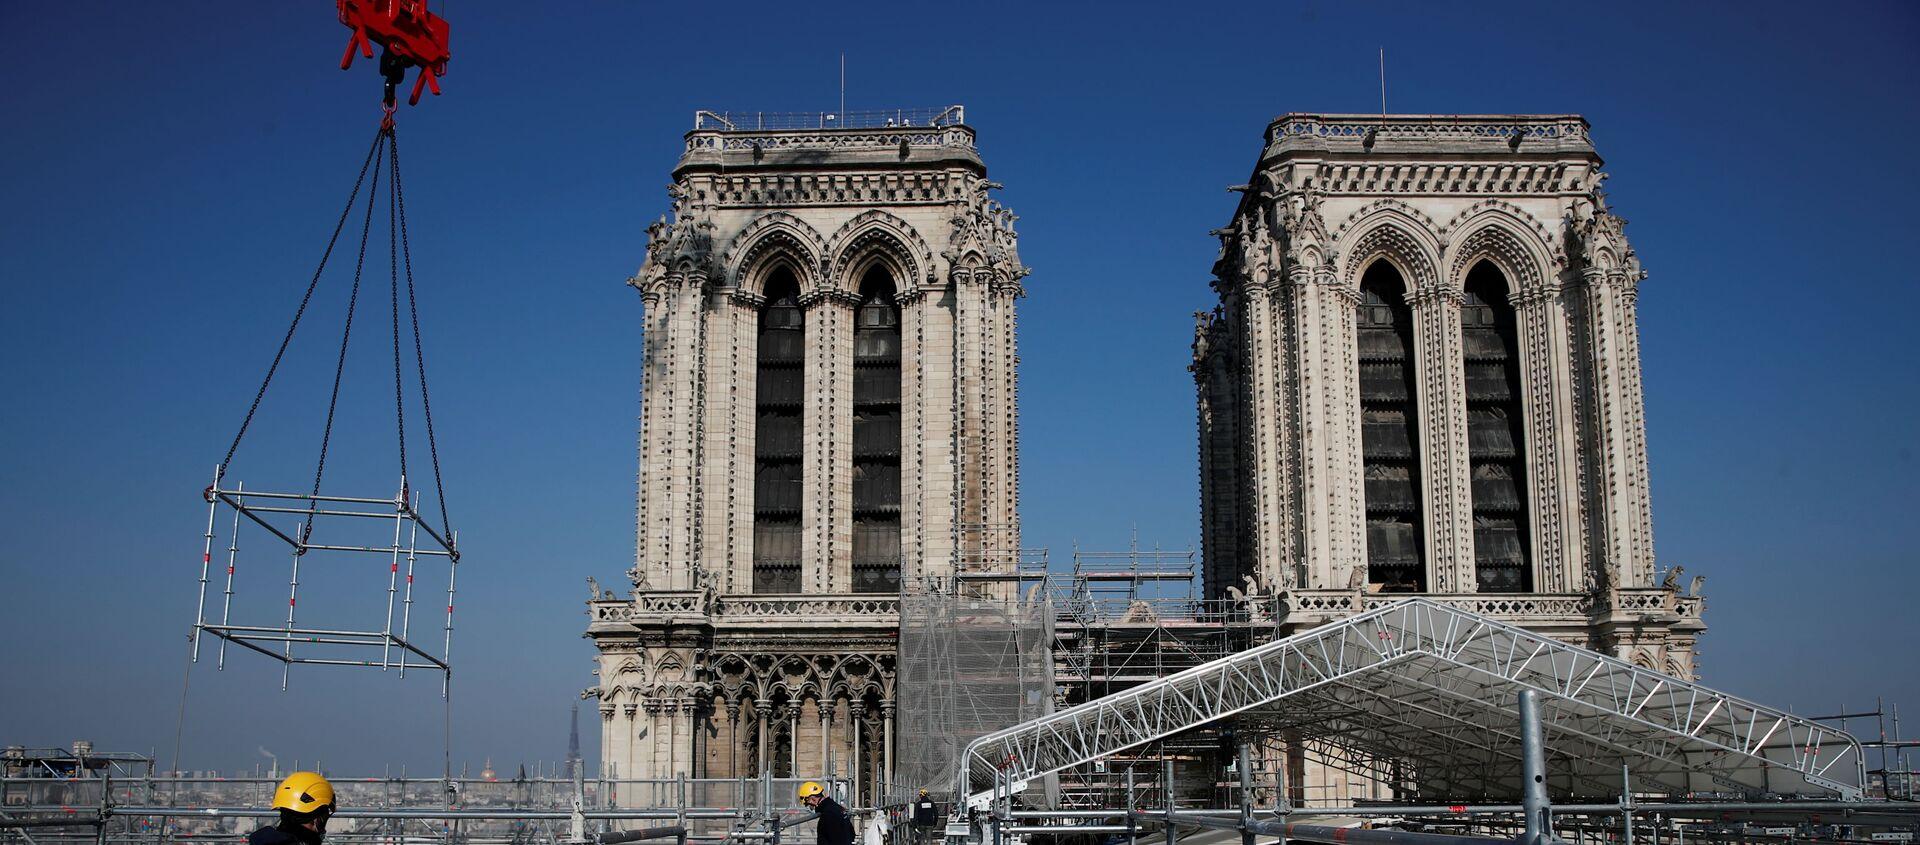 Dva roky po ničivém požáru. Jak probíhá rekonstrukce katedrály Notre Dame de Paris - Sputnik Česká republika, 1920, 15.04.2021